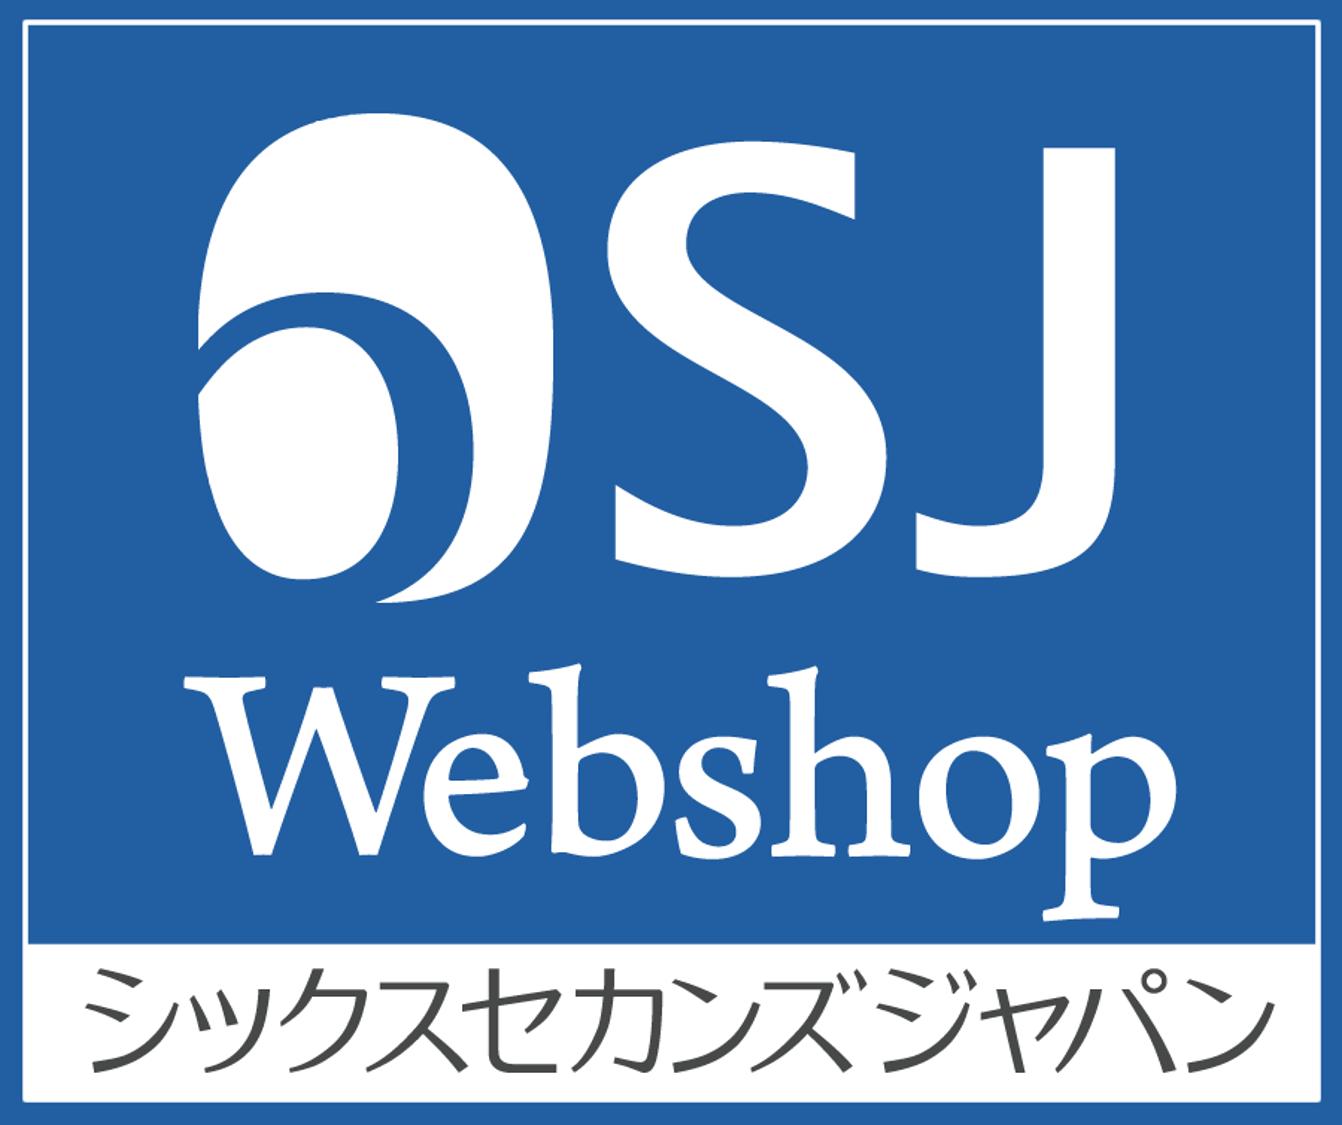 6SJ Webshop